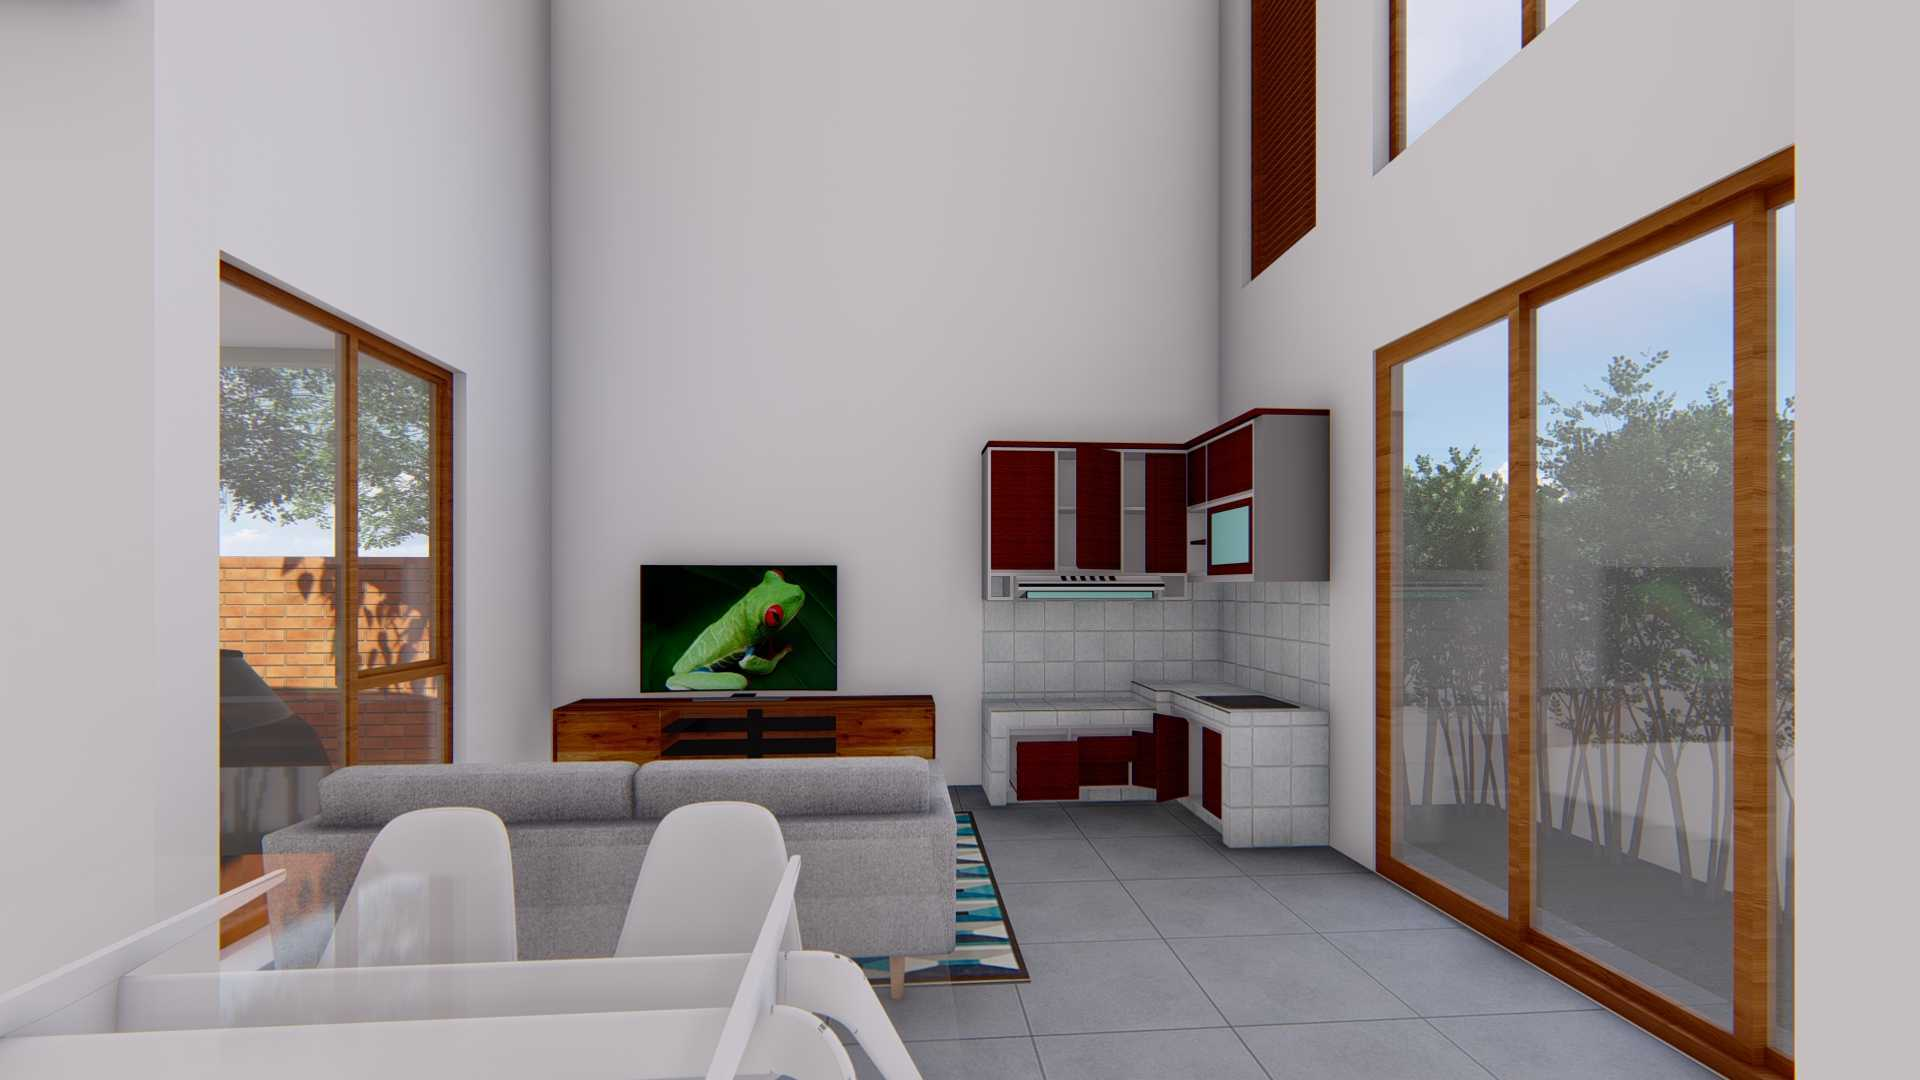 Astabumi Studio Sm House Pemalang Pemalang, Kec. Pemalang, Kabupaten Pemalang, Jawa Tengah, Indonesia Surabaya Cv-Astabumi-Manunggal-Prakarsa-Sm-House-Pemalang   119280